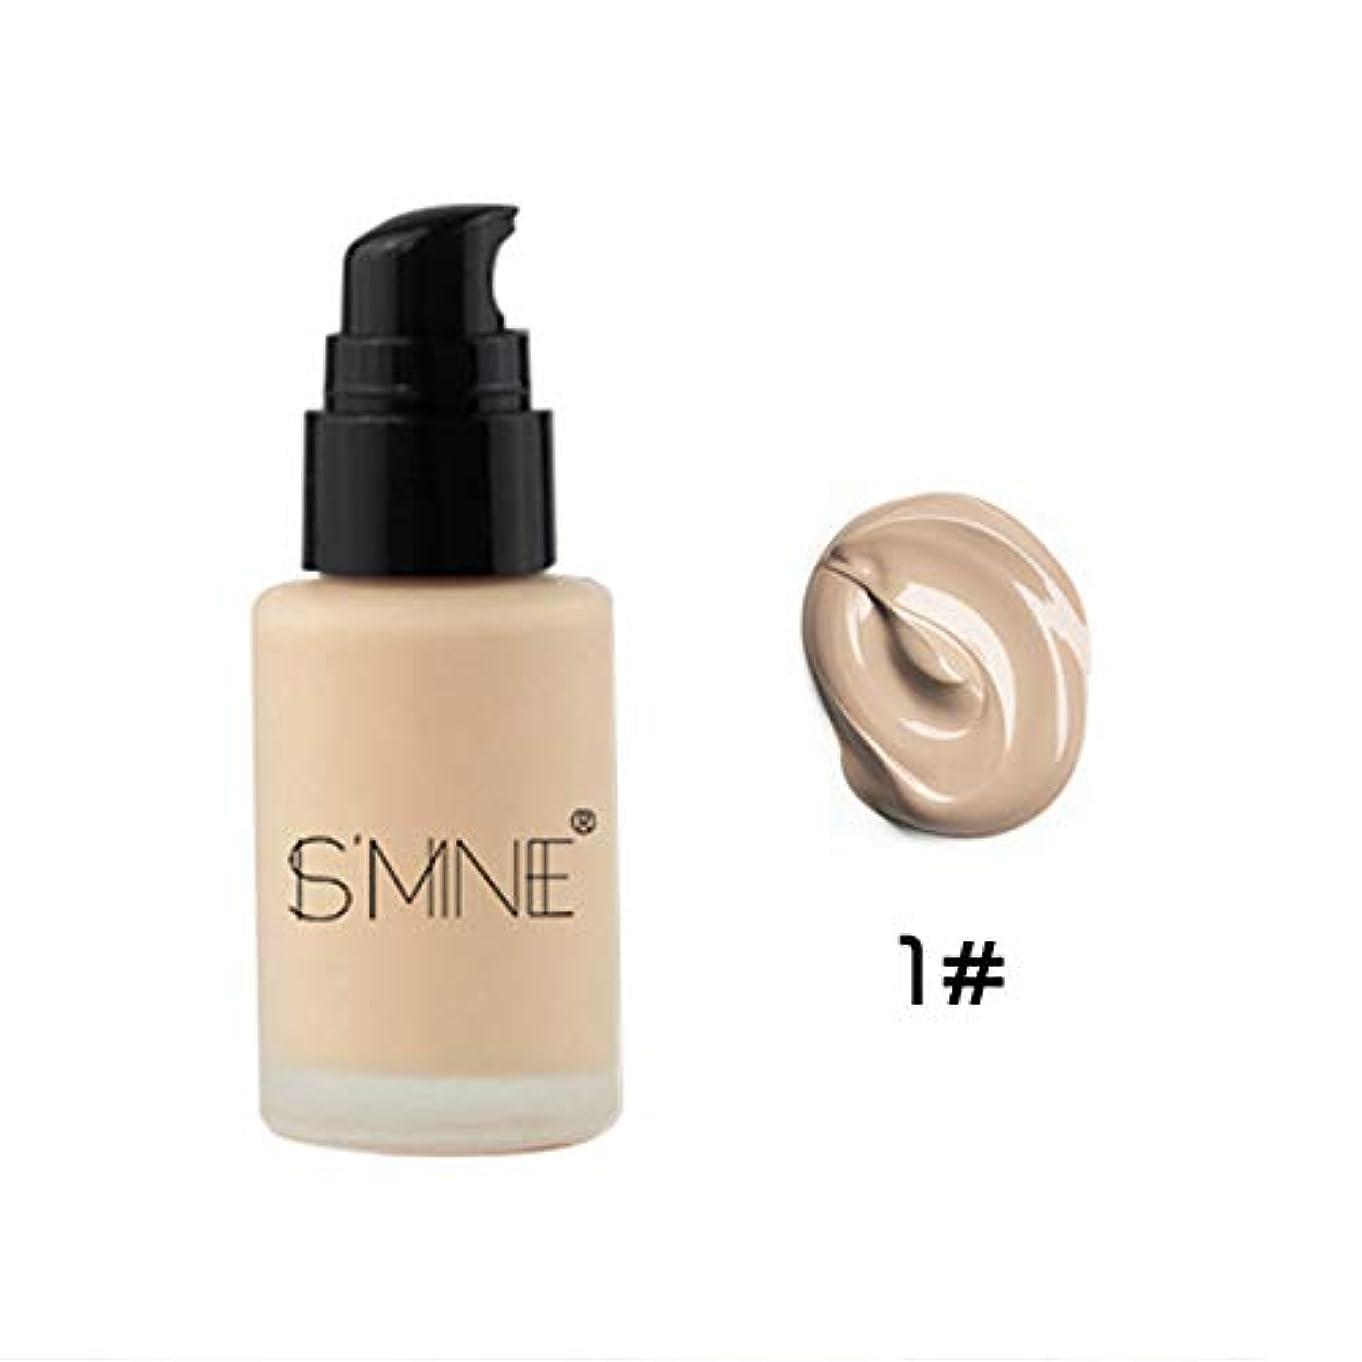 タブレット最終的に流出Symboat BBクリーム 女性 フェイスコンシーラー 美白 保湿 防水 ロングラスティングメイクアップ 健康的な自然な肌色 素肌感 化粧品